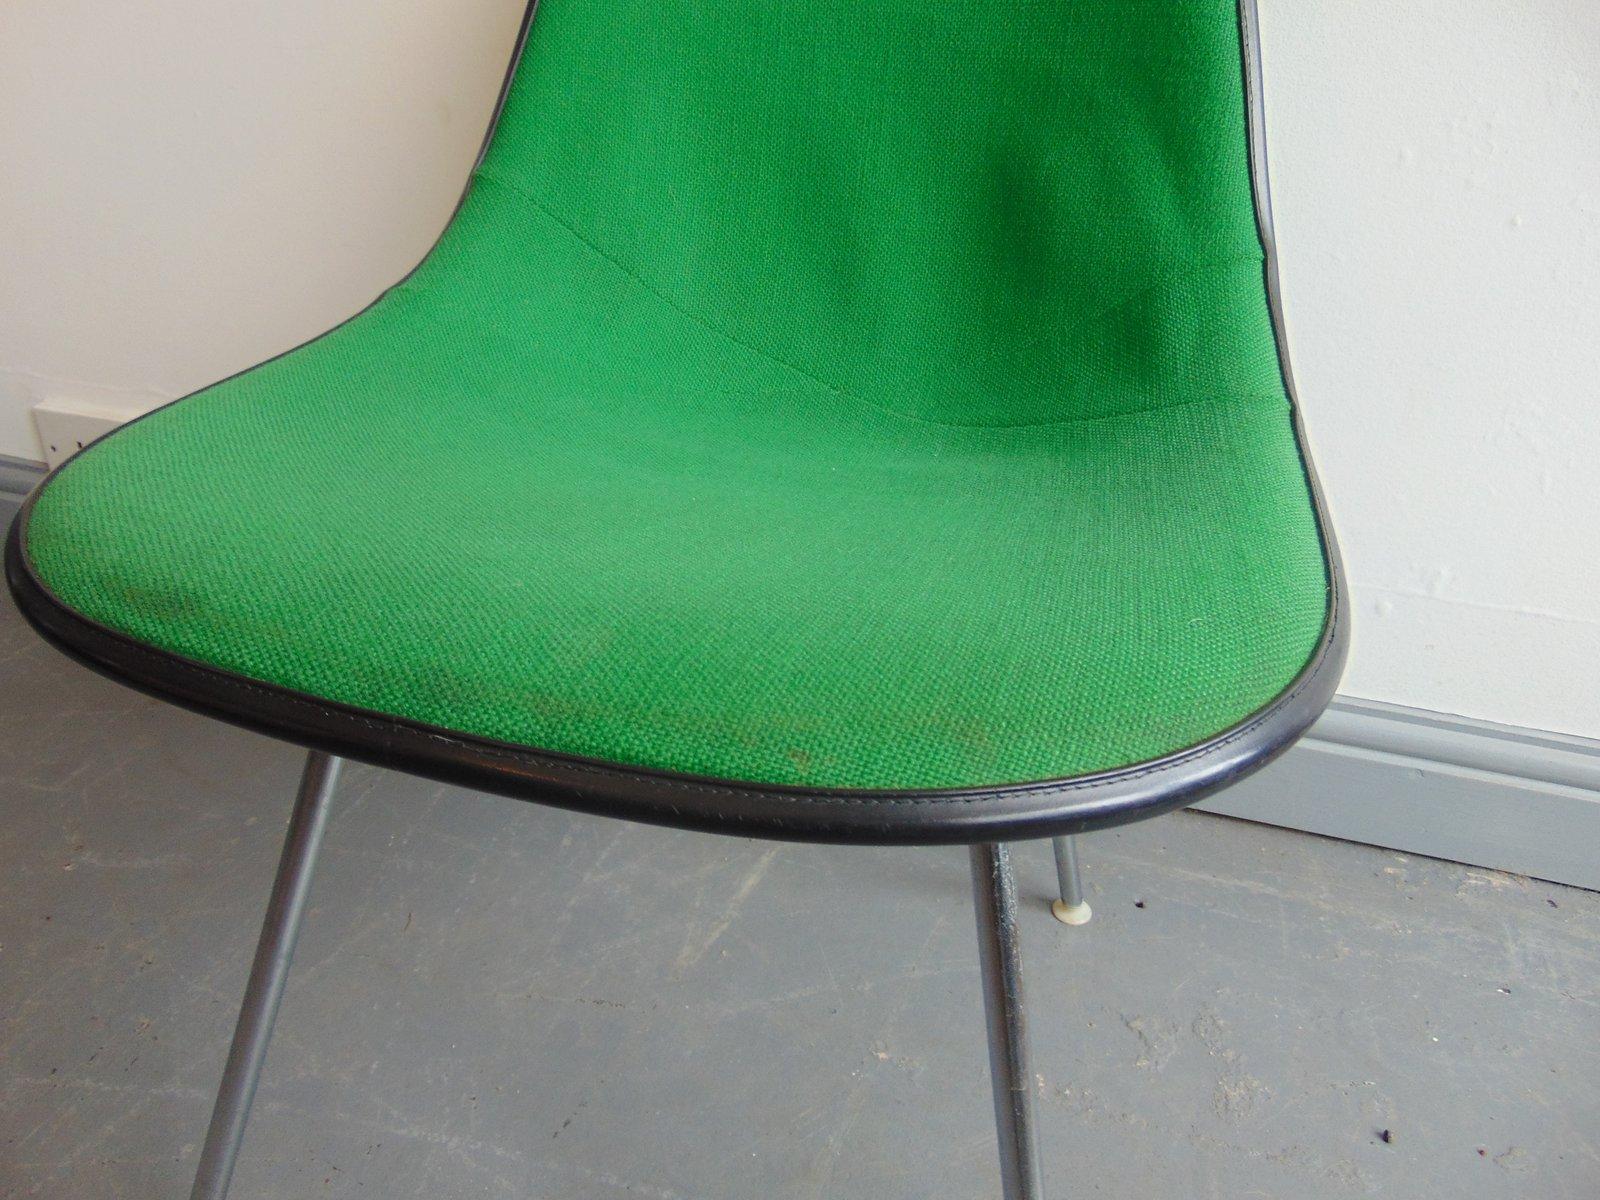 gr ner vintage stuhl von charles und ray eames f r herman. Black Bedroom Furniture Sets. Home Design Ideas